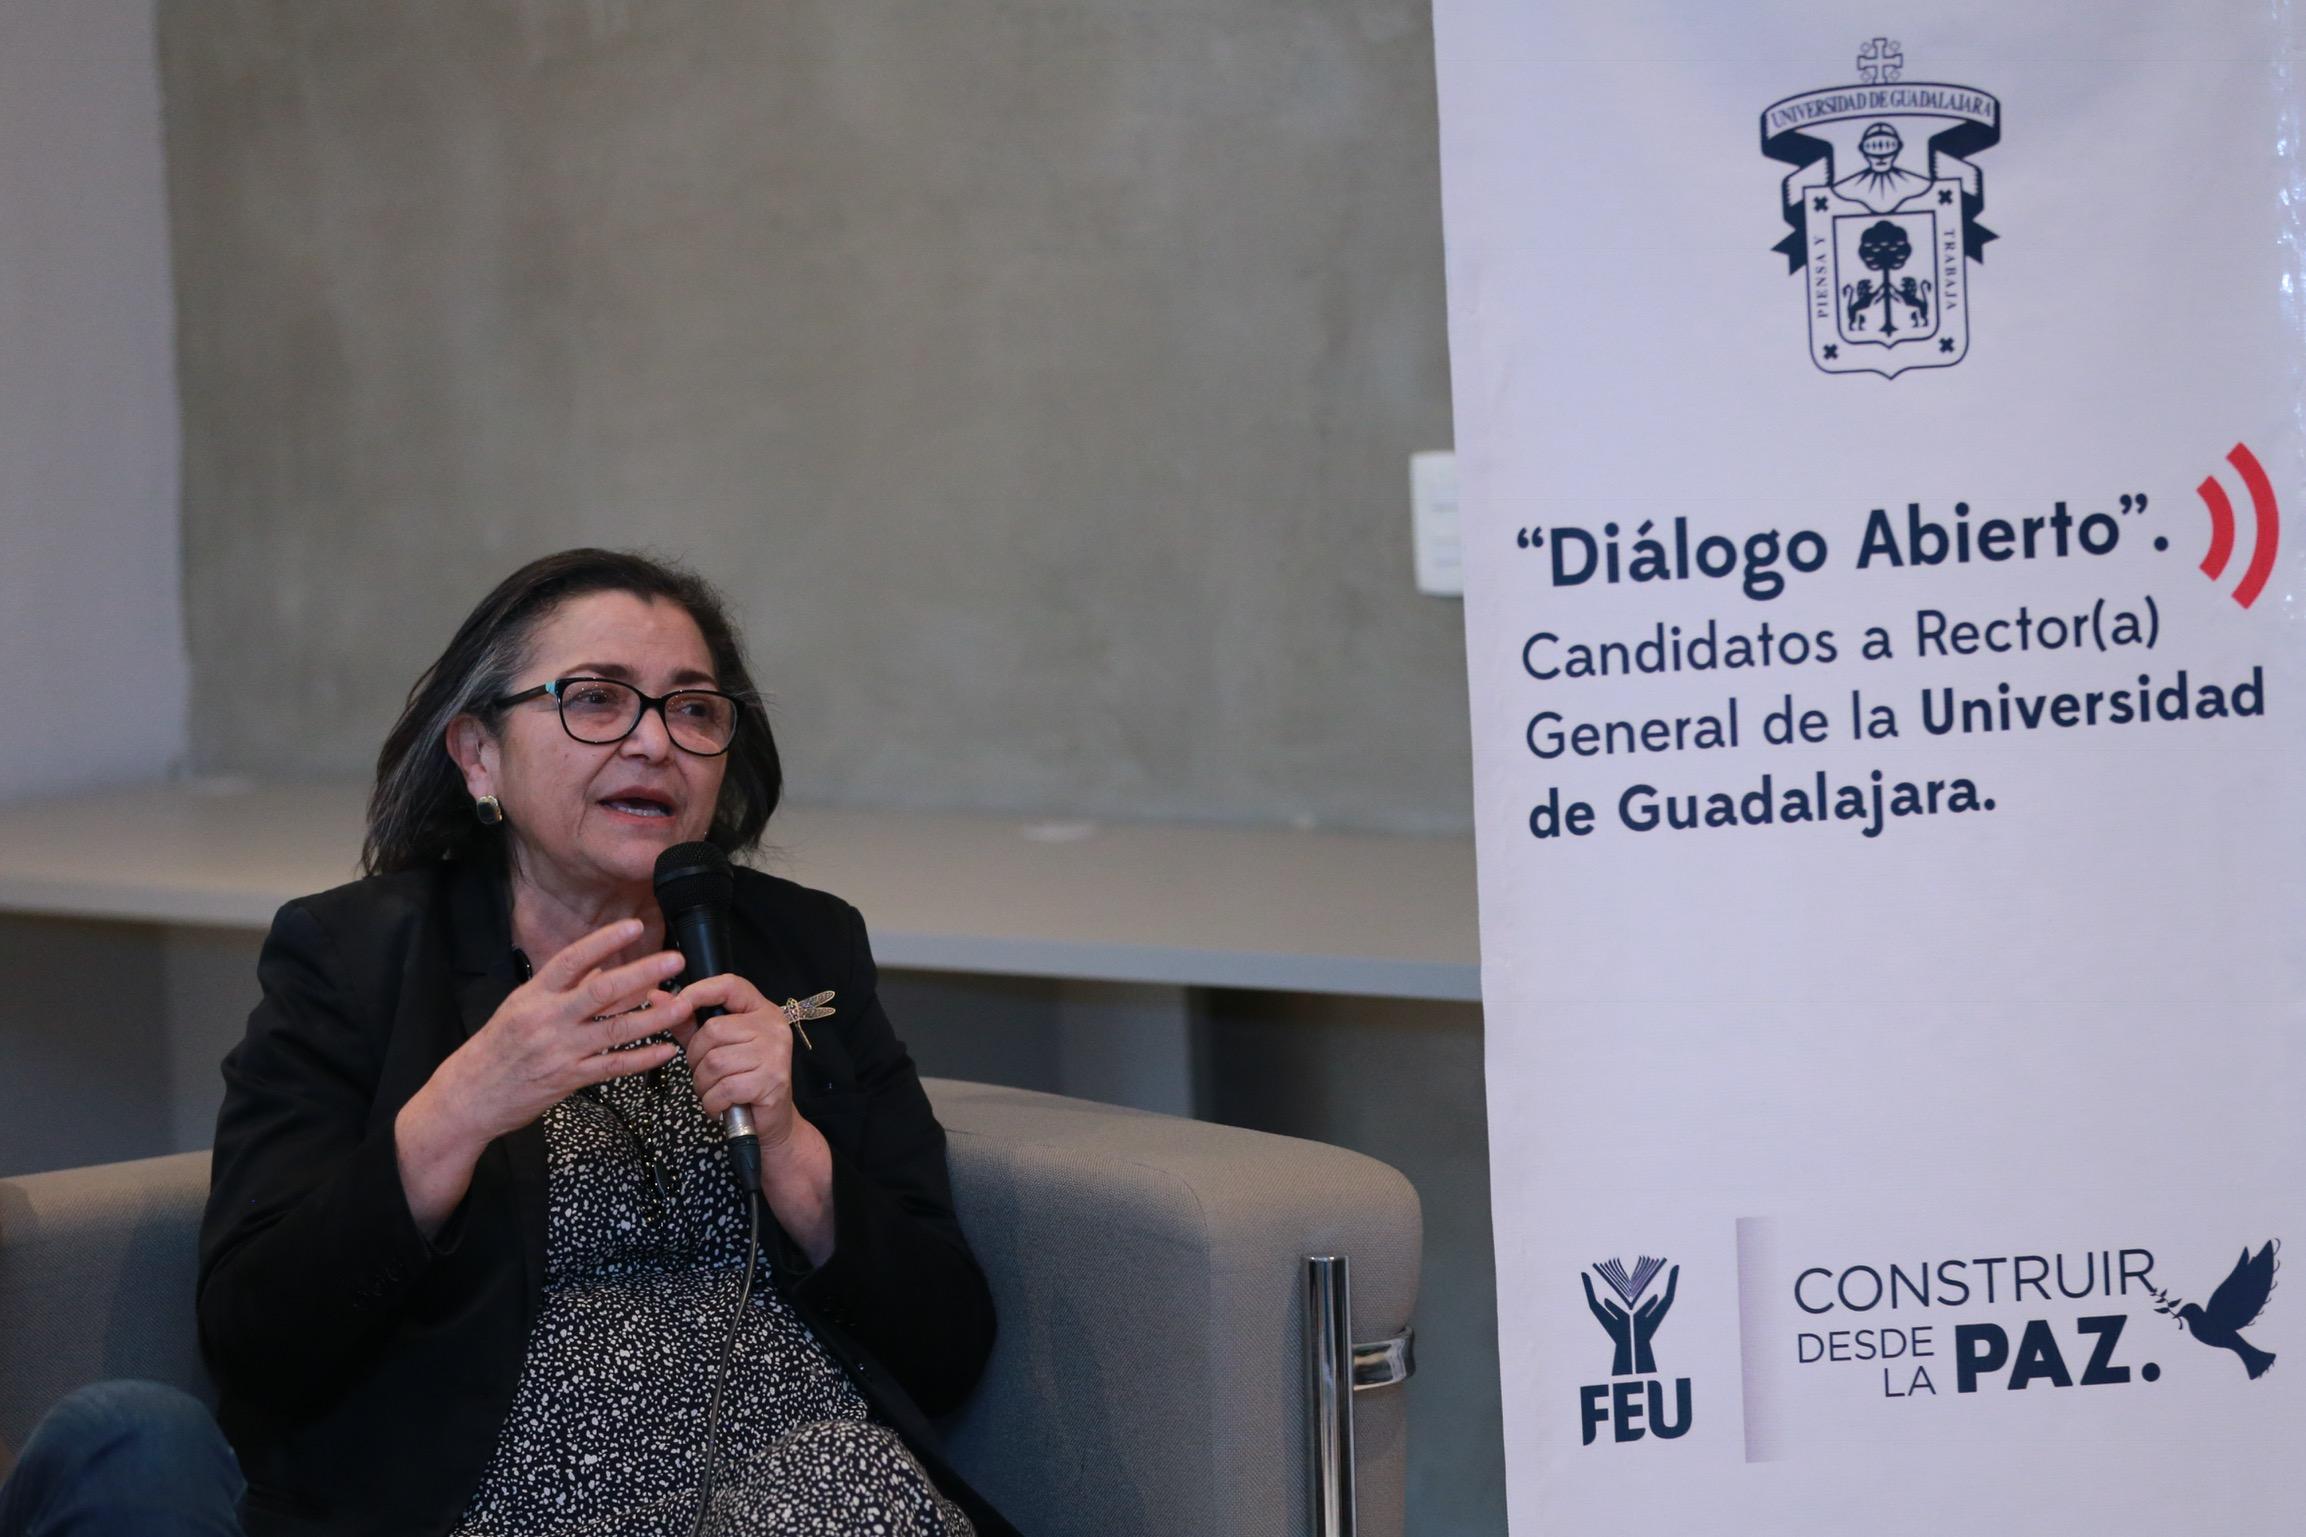 la doctora Ruth Padilla Muñoz respondió todas las preguntas que realizó la comunidad estudiantil